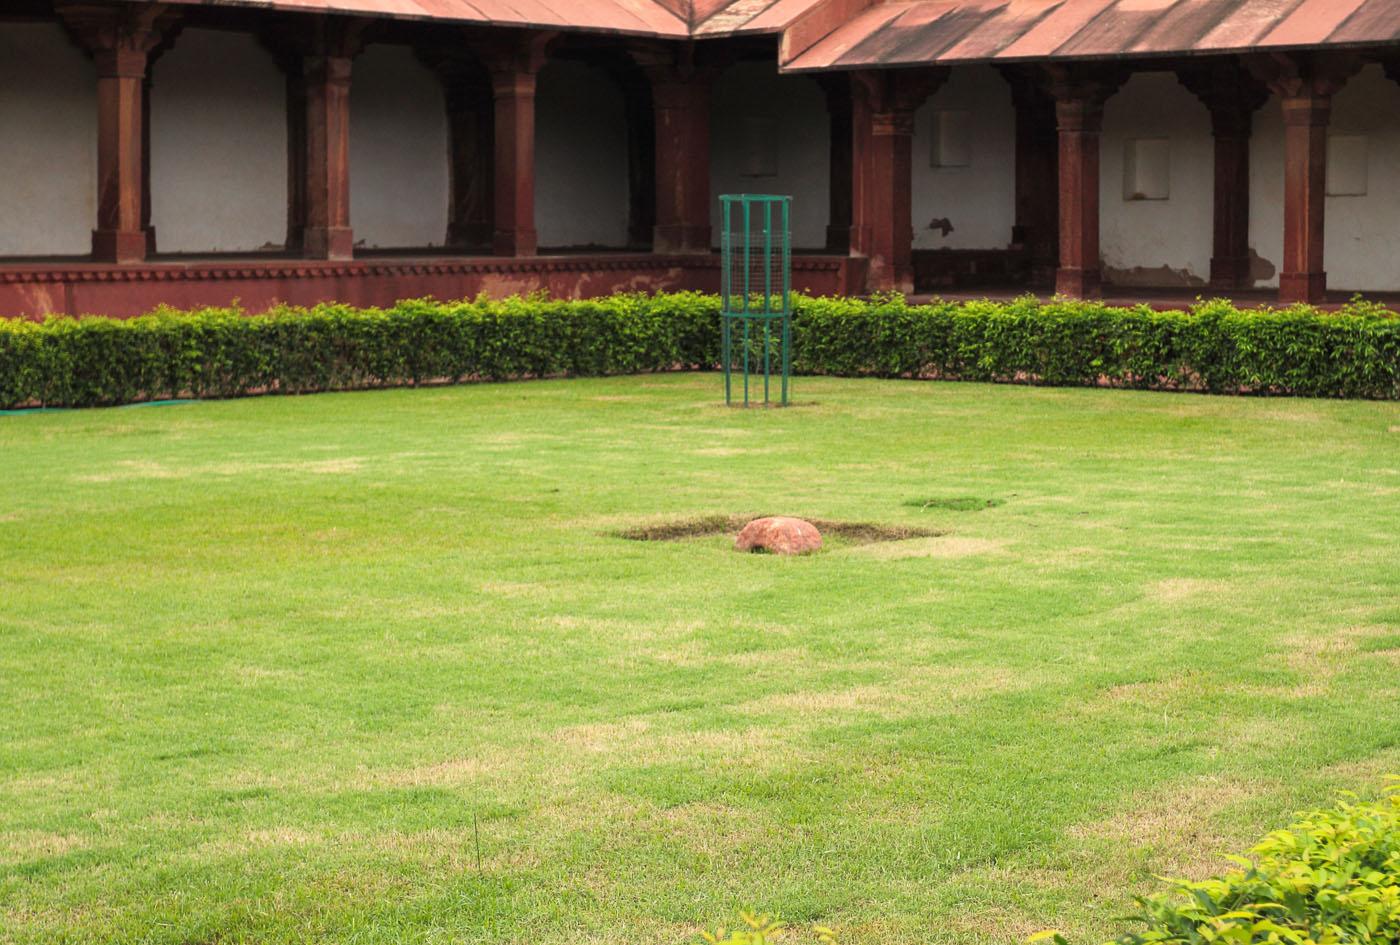 Фото 6. Путешествие из Джайпура в город Агра, где находится Тадж Махал. Лобное место. Отзывы туристов о поездке по Золотому треугольнику Индии.